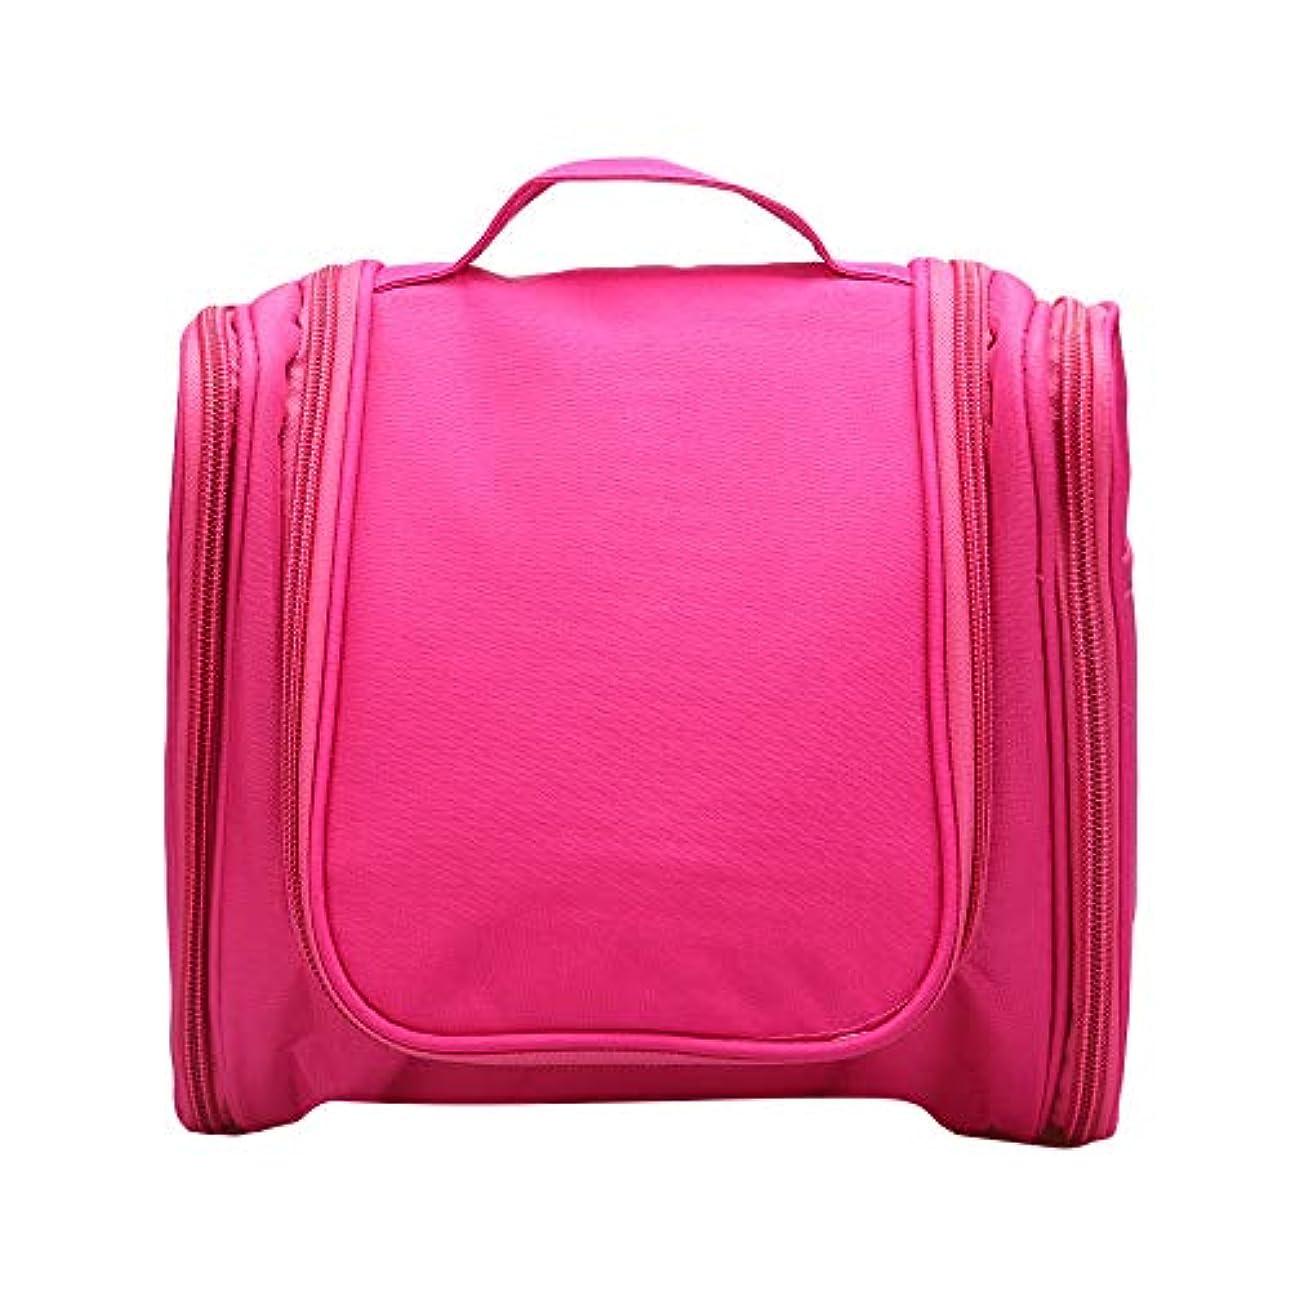 靴正確なしなければならないMagarrow 化粧ポーチ トラベルポーチ コスメポーチ 収納ポーチ バッグ 旅行用 収納ケース